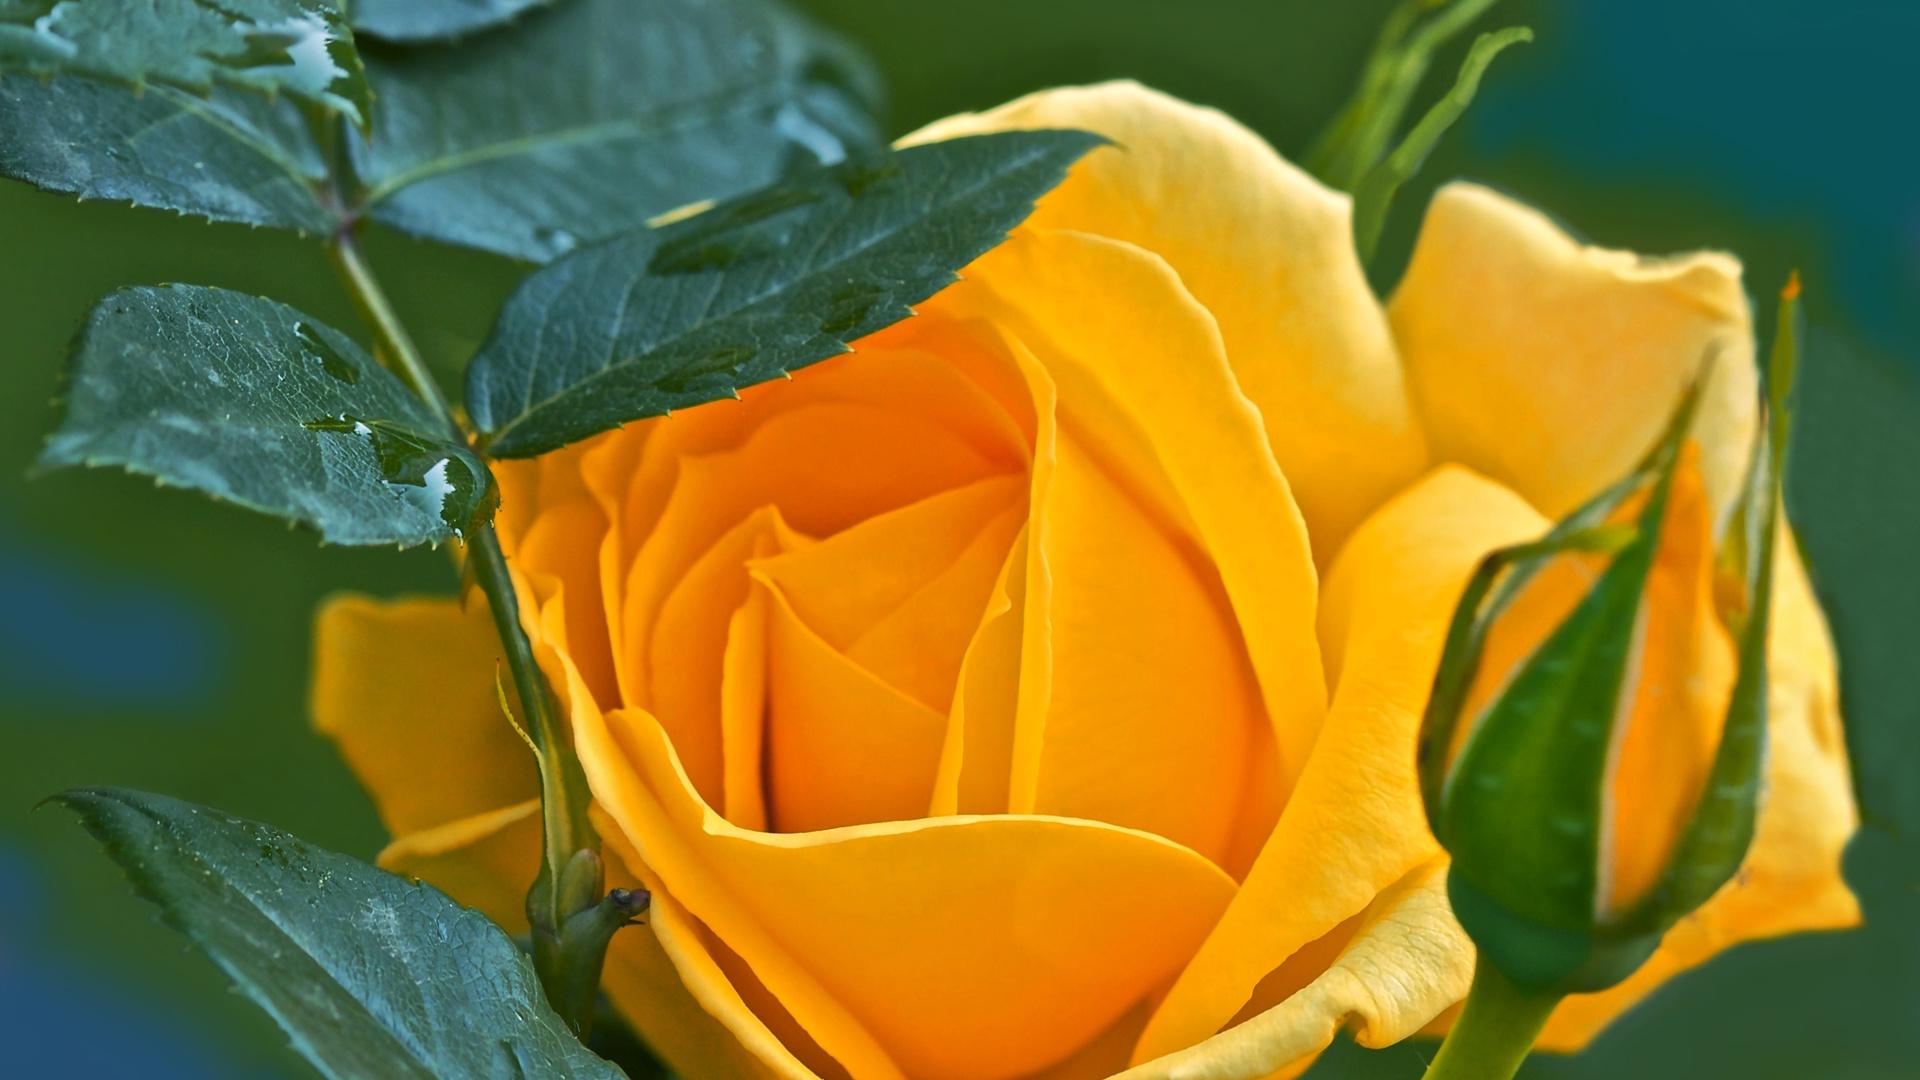 роза, фон, заставка, цвет